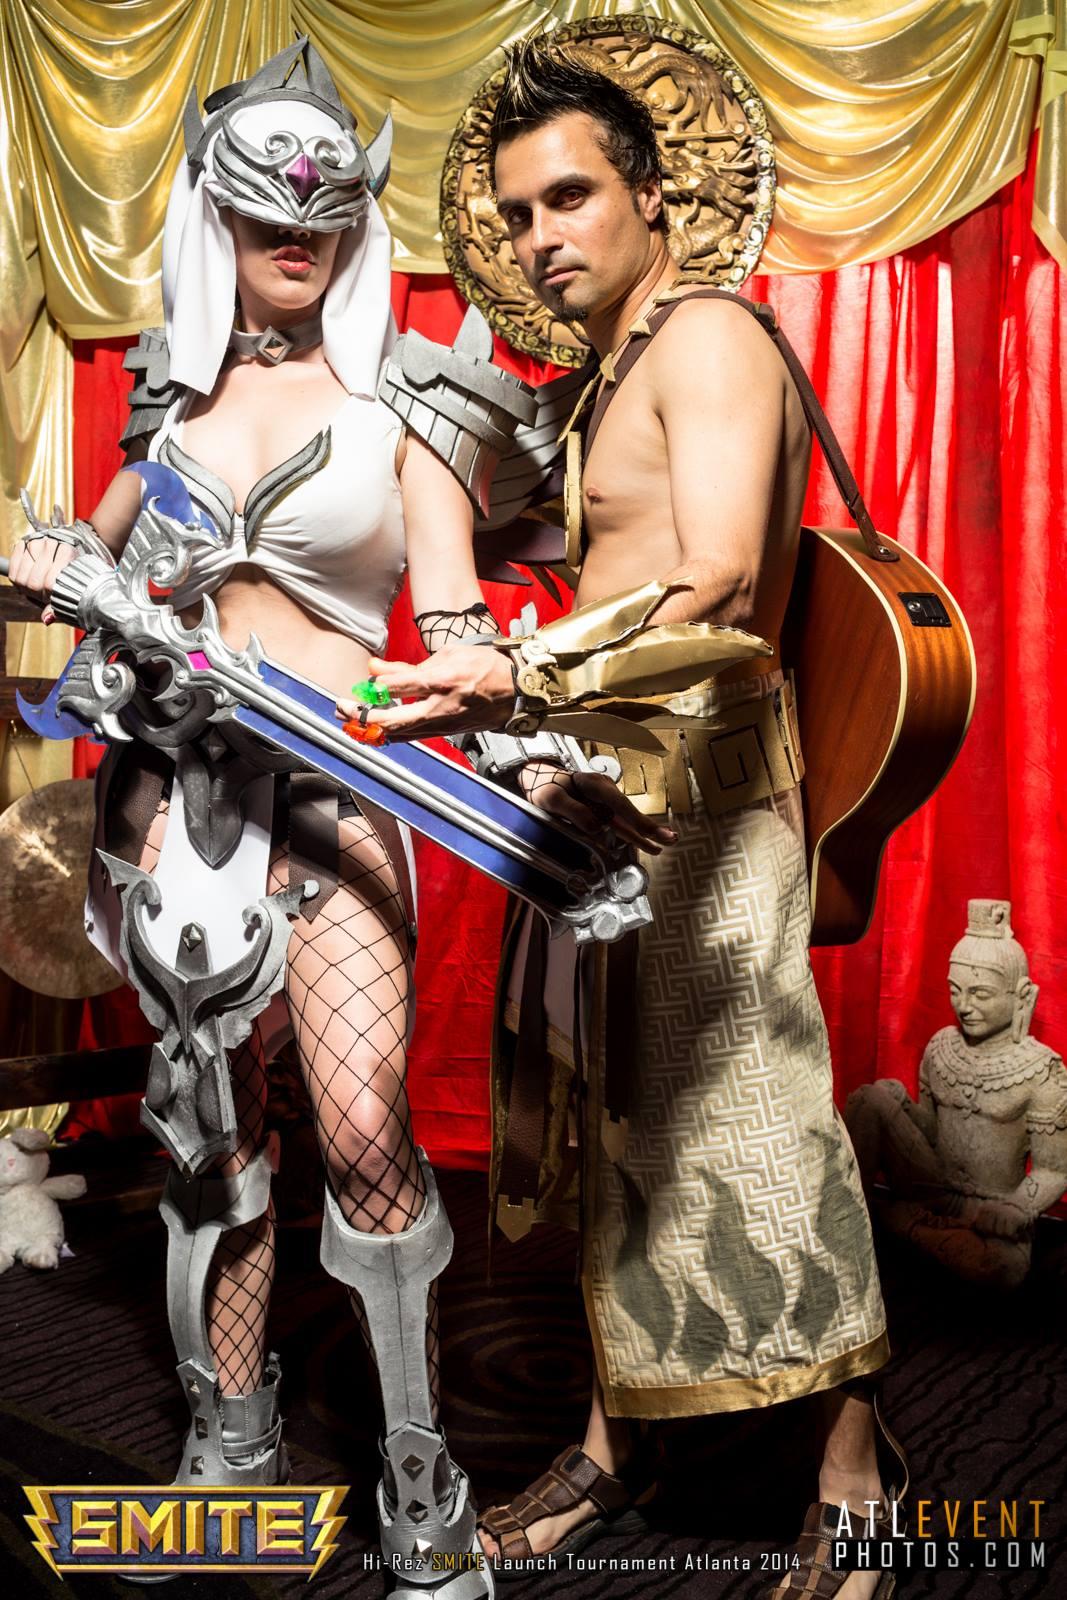 Ngắm cosplay tại SMITE Launch Tournament - Ảnh 52